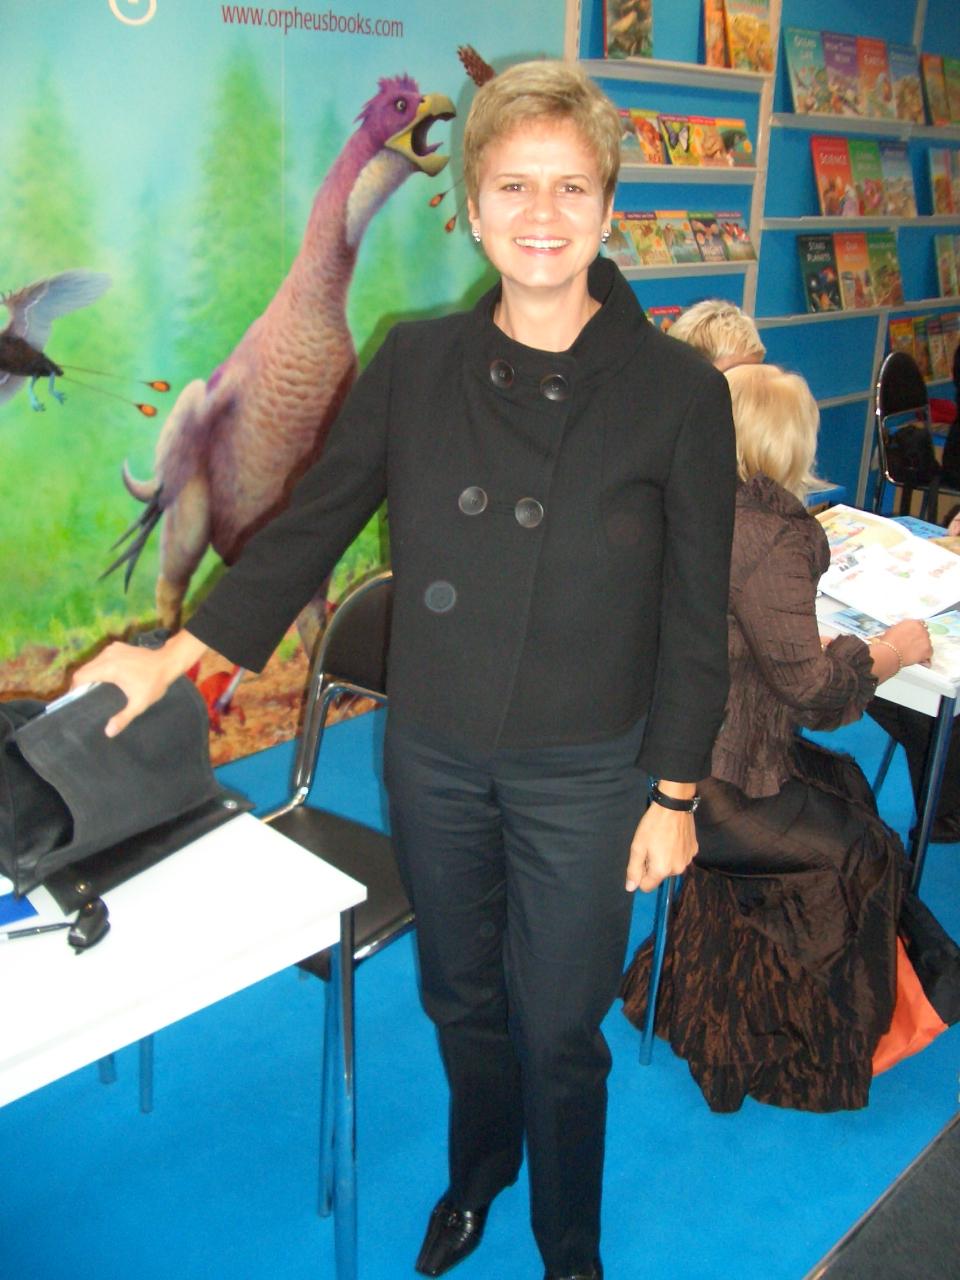 Lizenzrechte-Einkauf auf der Frankfurter Buchmesse